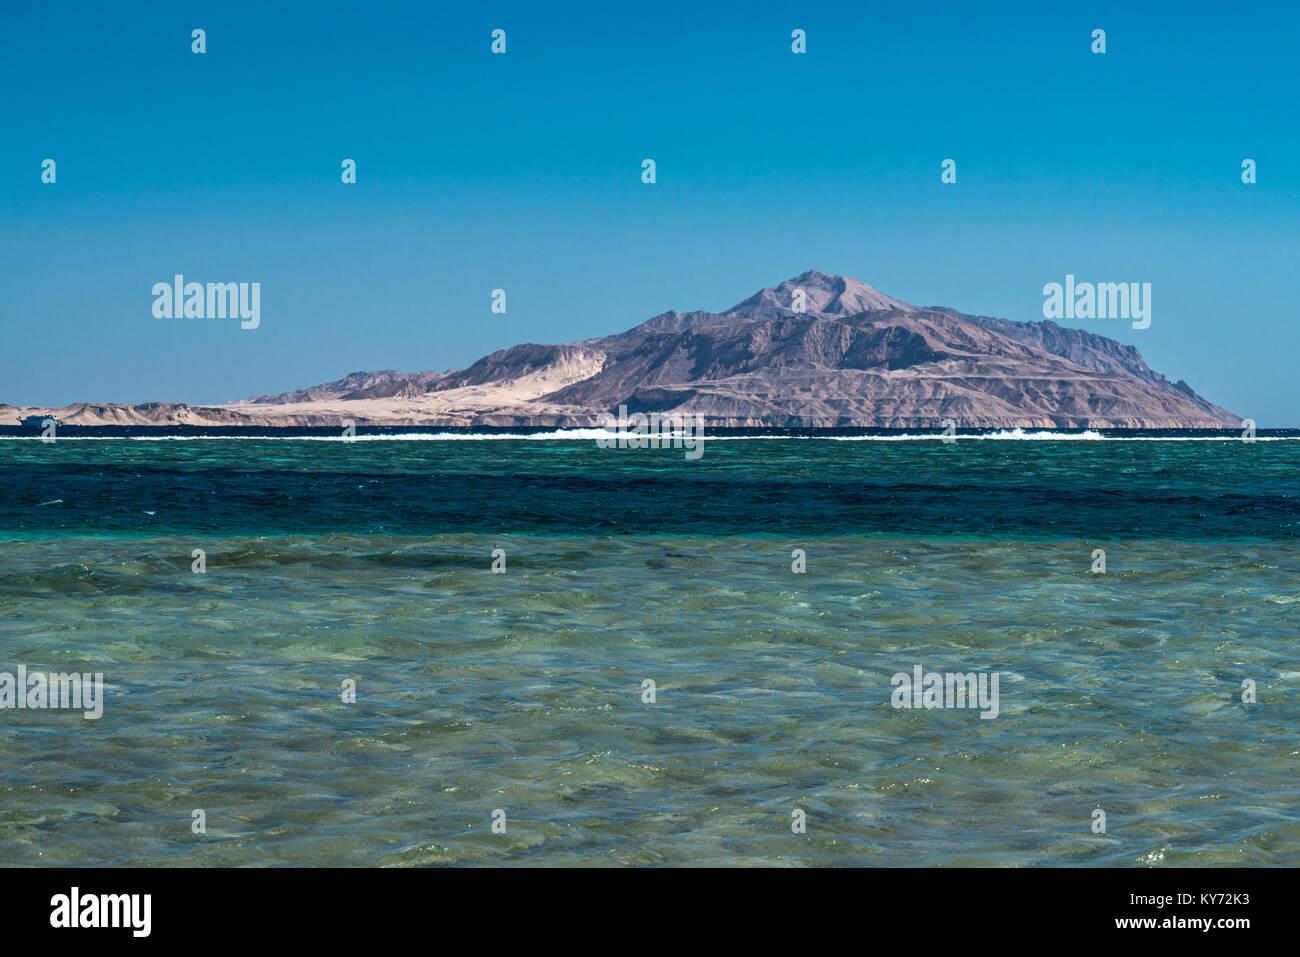 Blick auf die Insel Tiran vom Roten Meer in Sharm El Sheikh, Ägypten. Stockbild